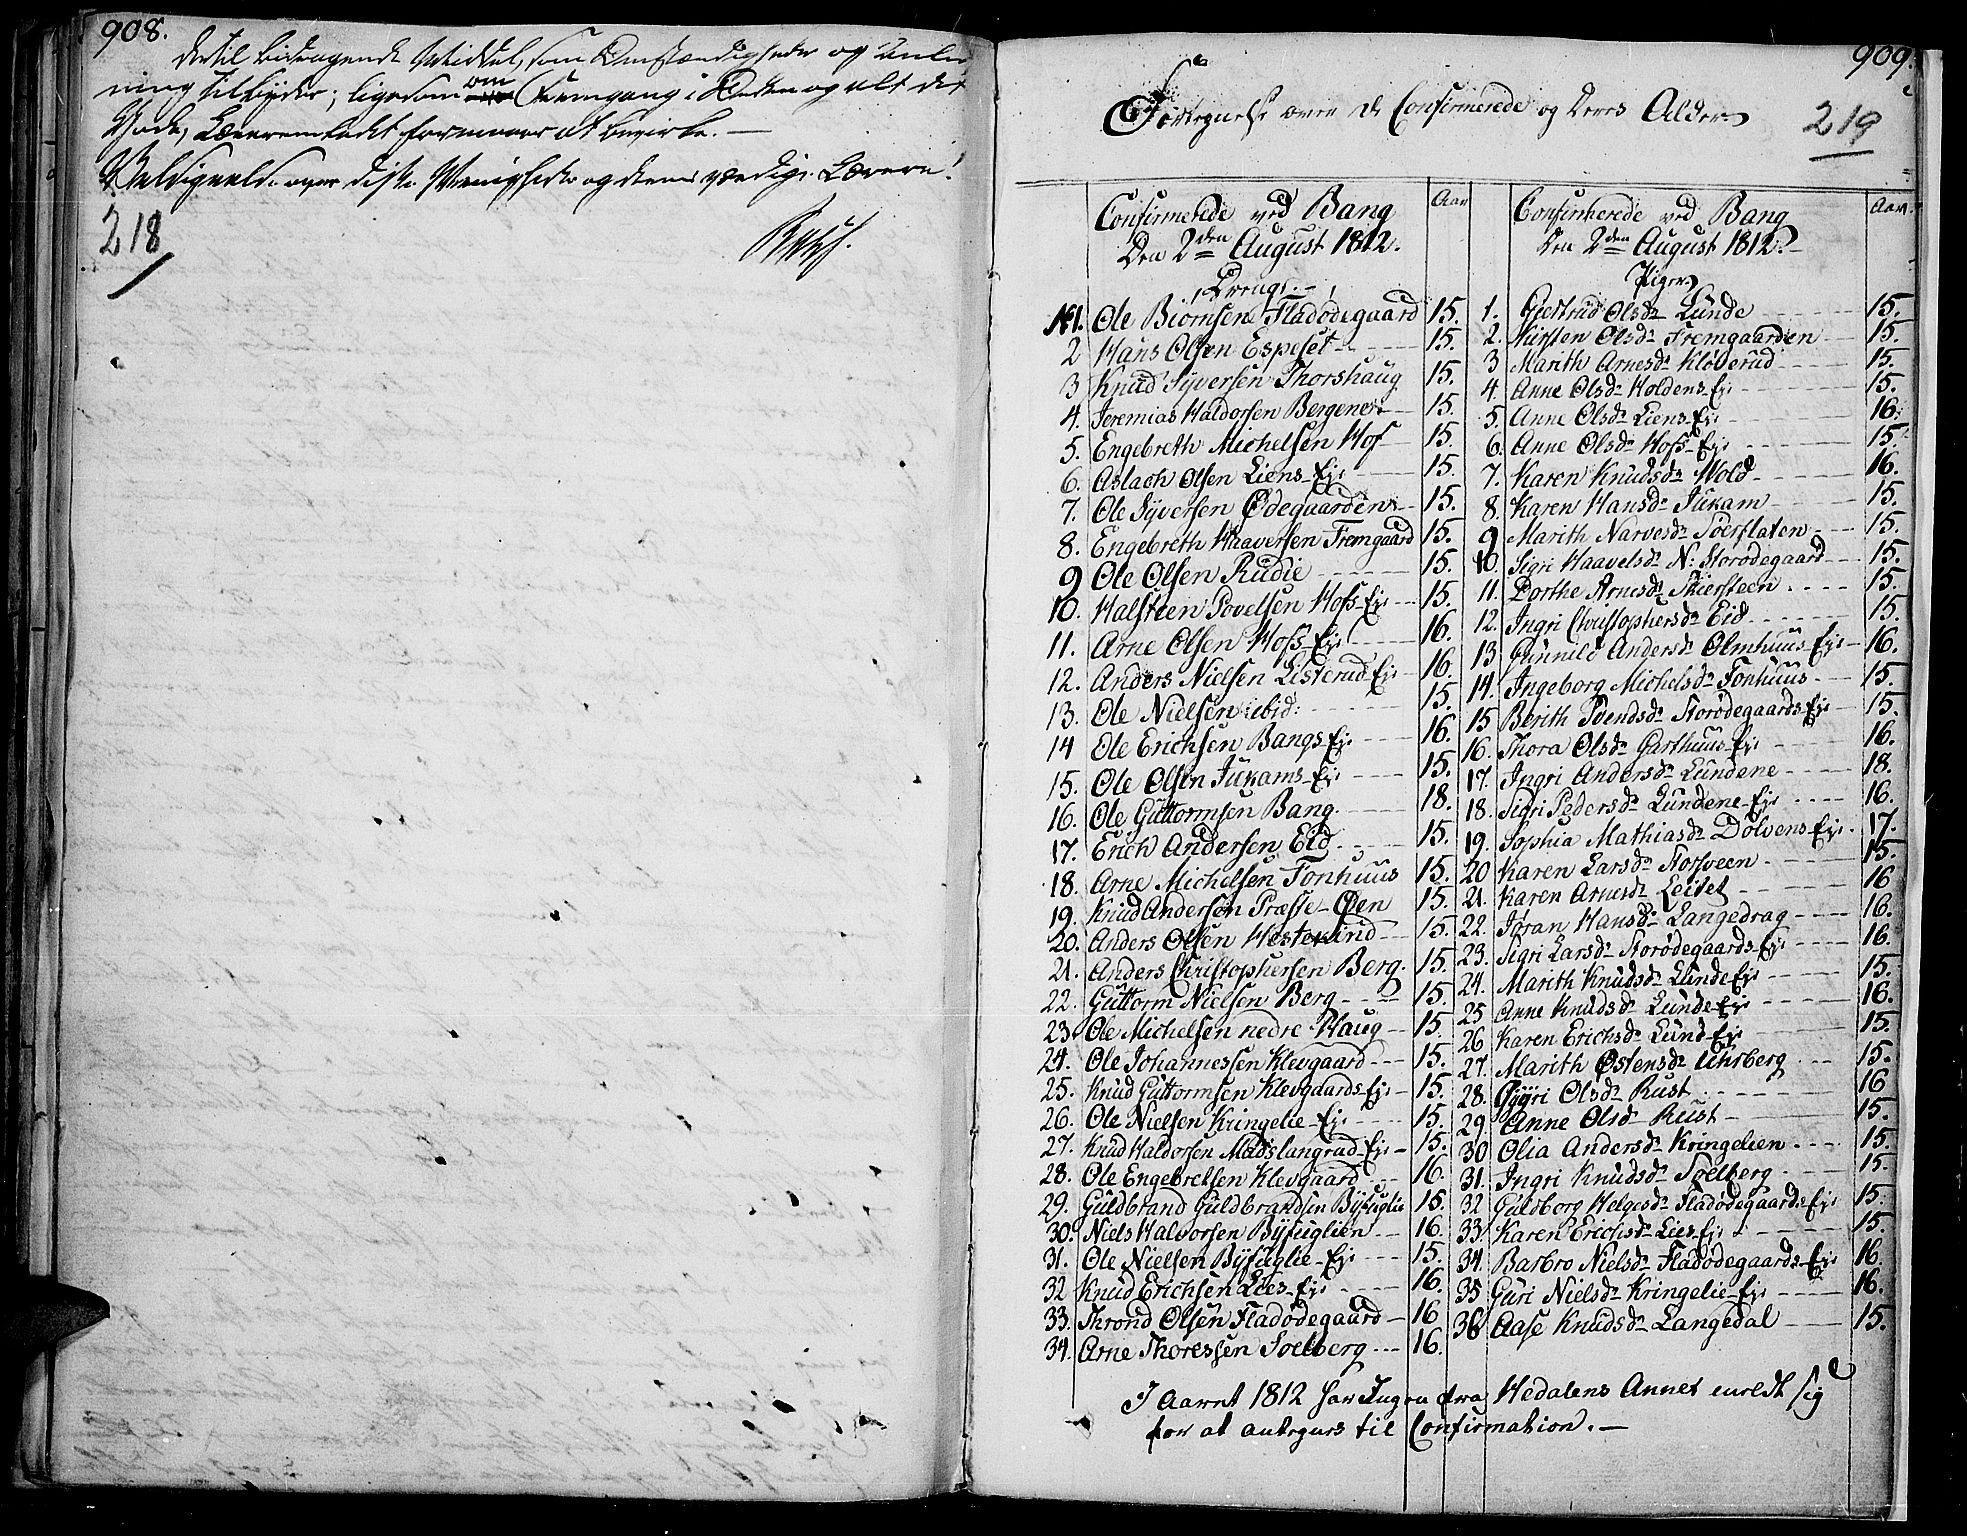 SAH, Sør-Aurdal prestekontor, Ministerialbok nr. 1, 1807-1815, s. 218-219